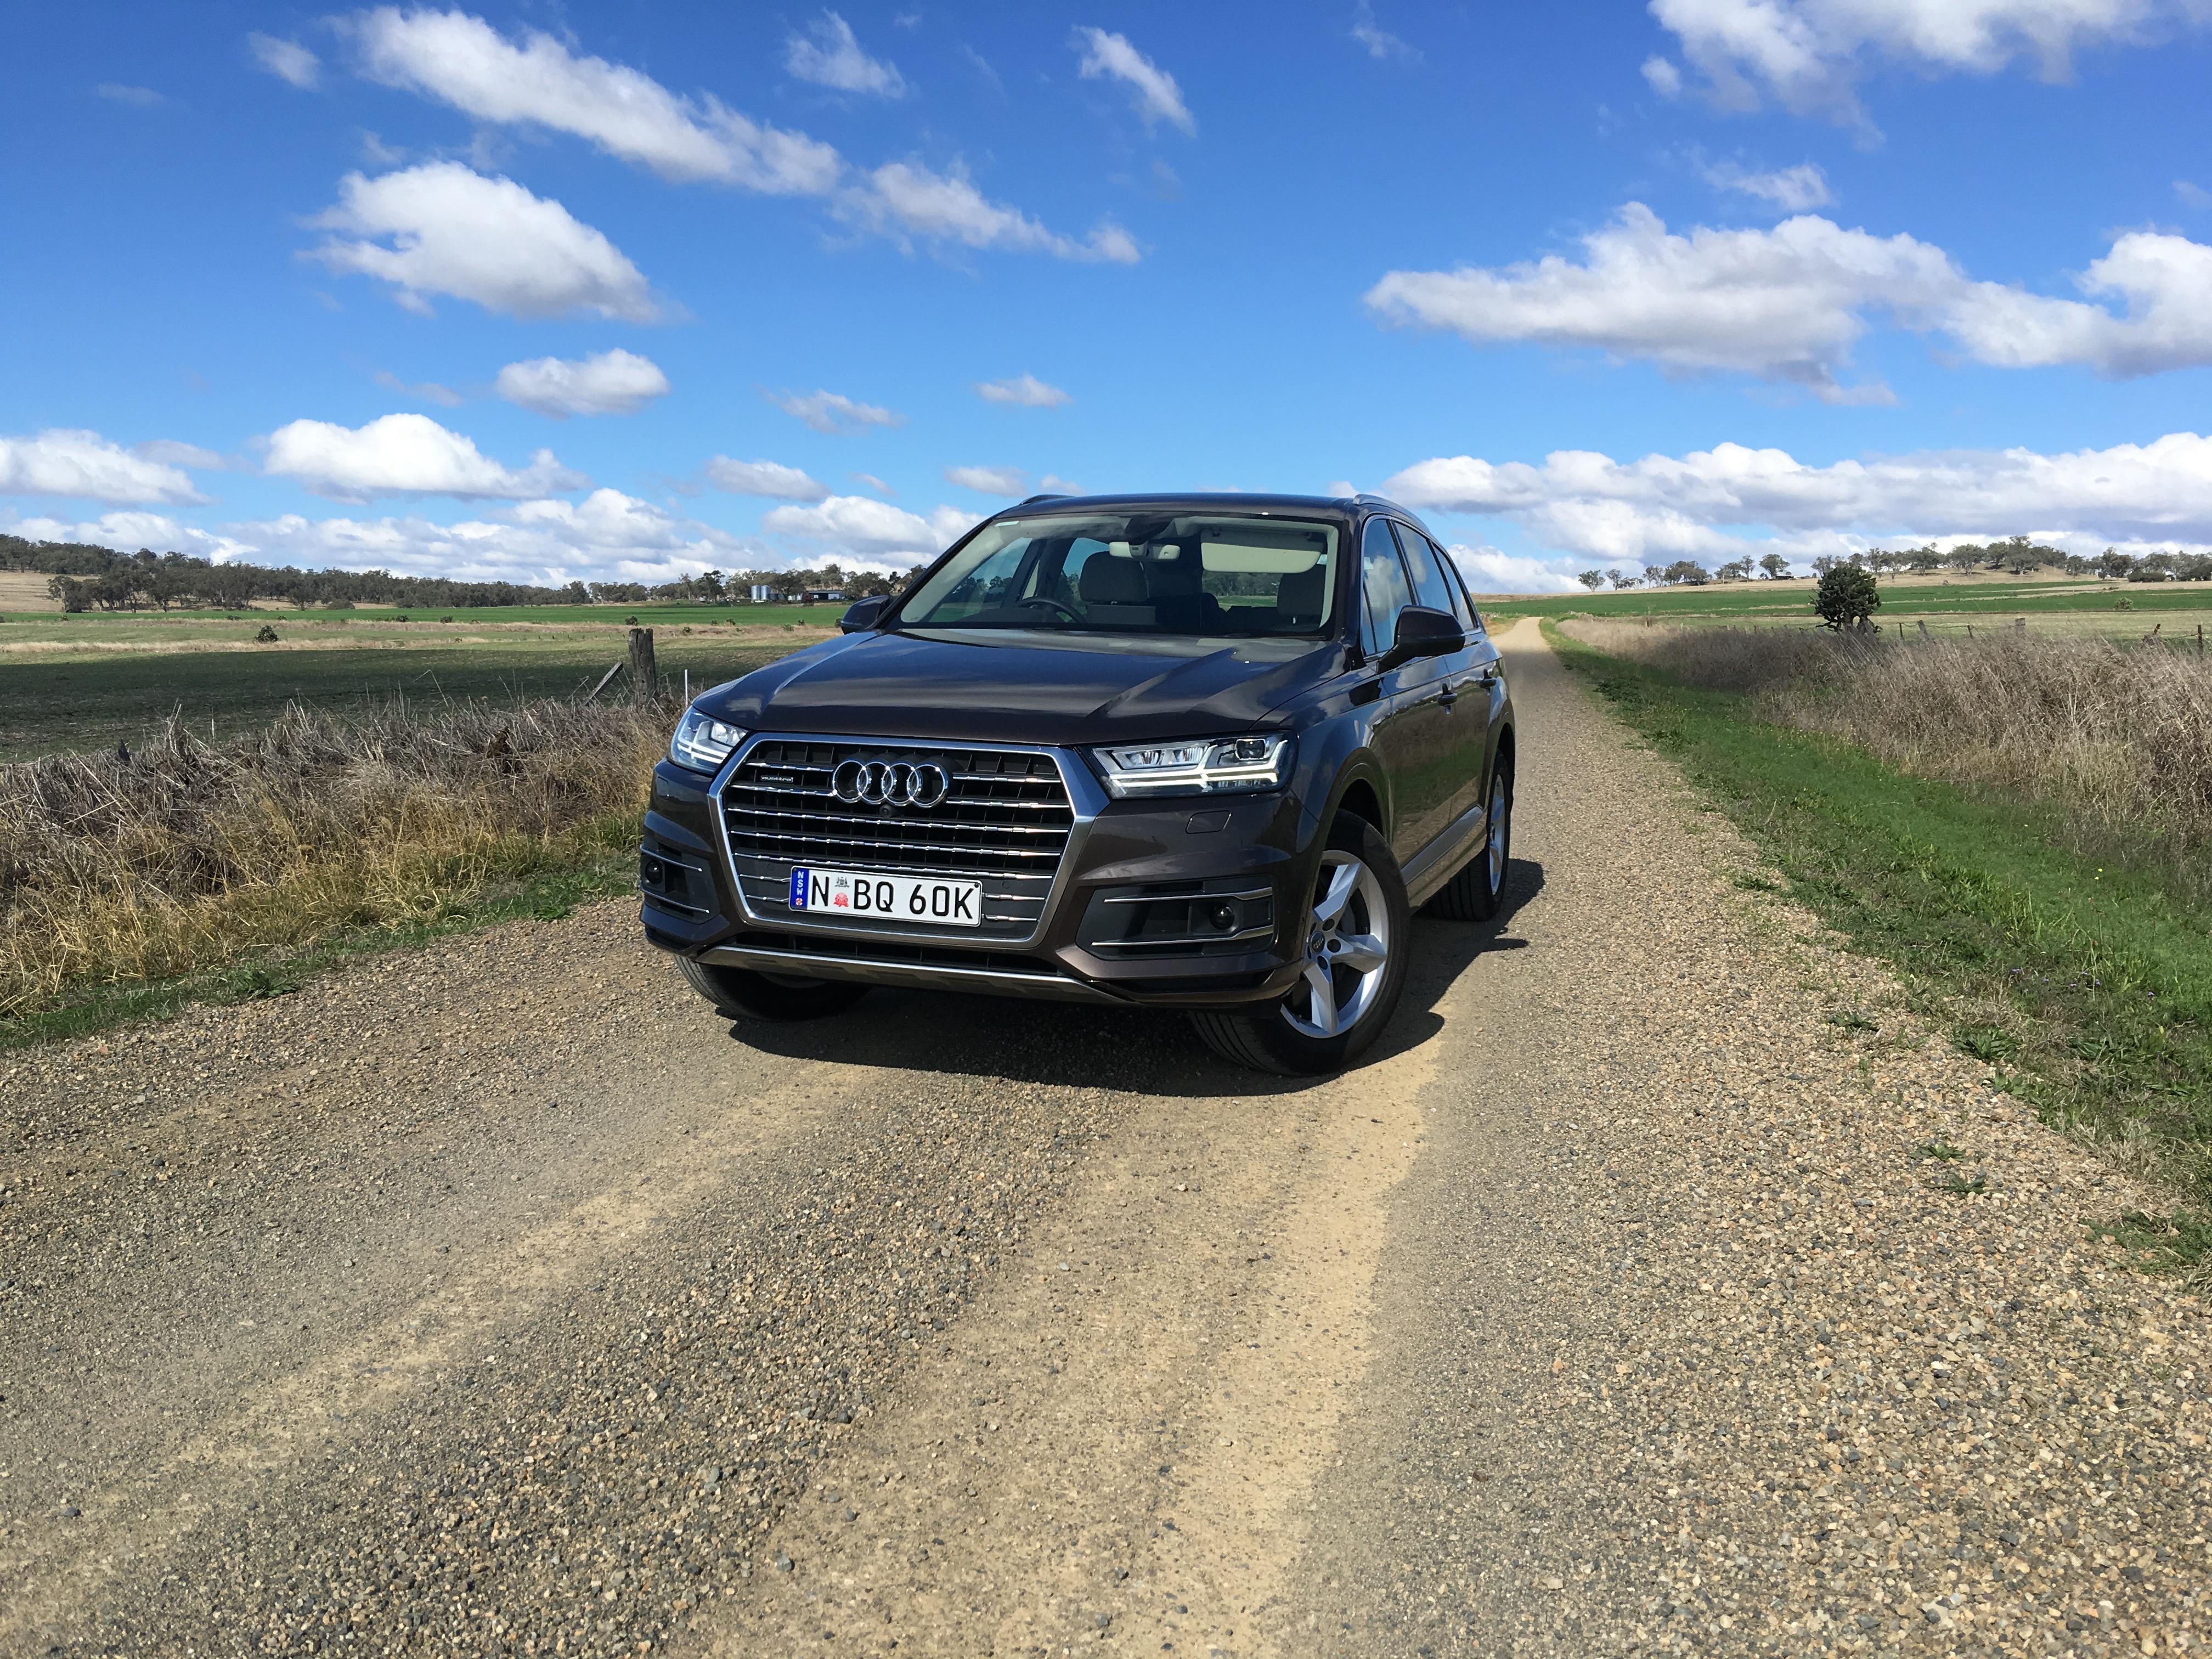 2017 Audi Q7 Review - photos | CarAdvice